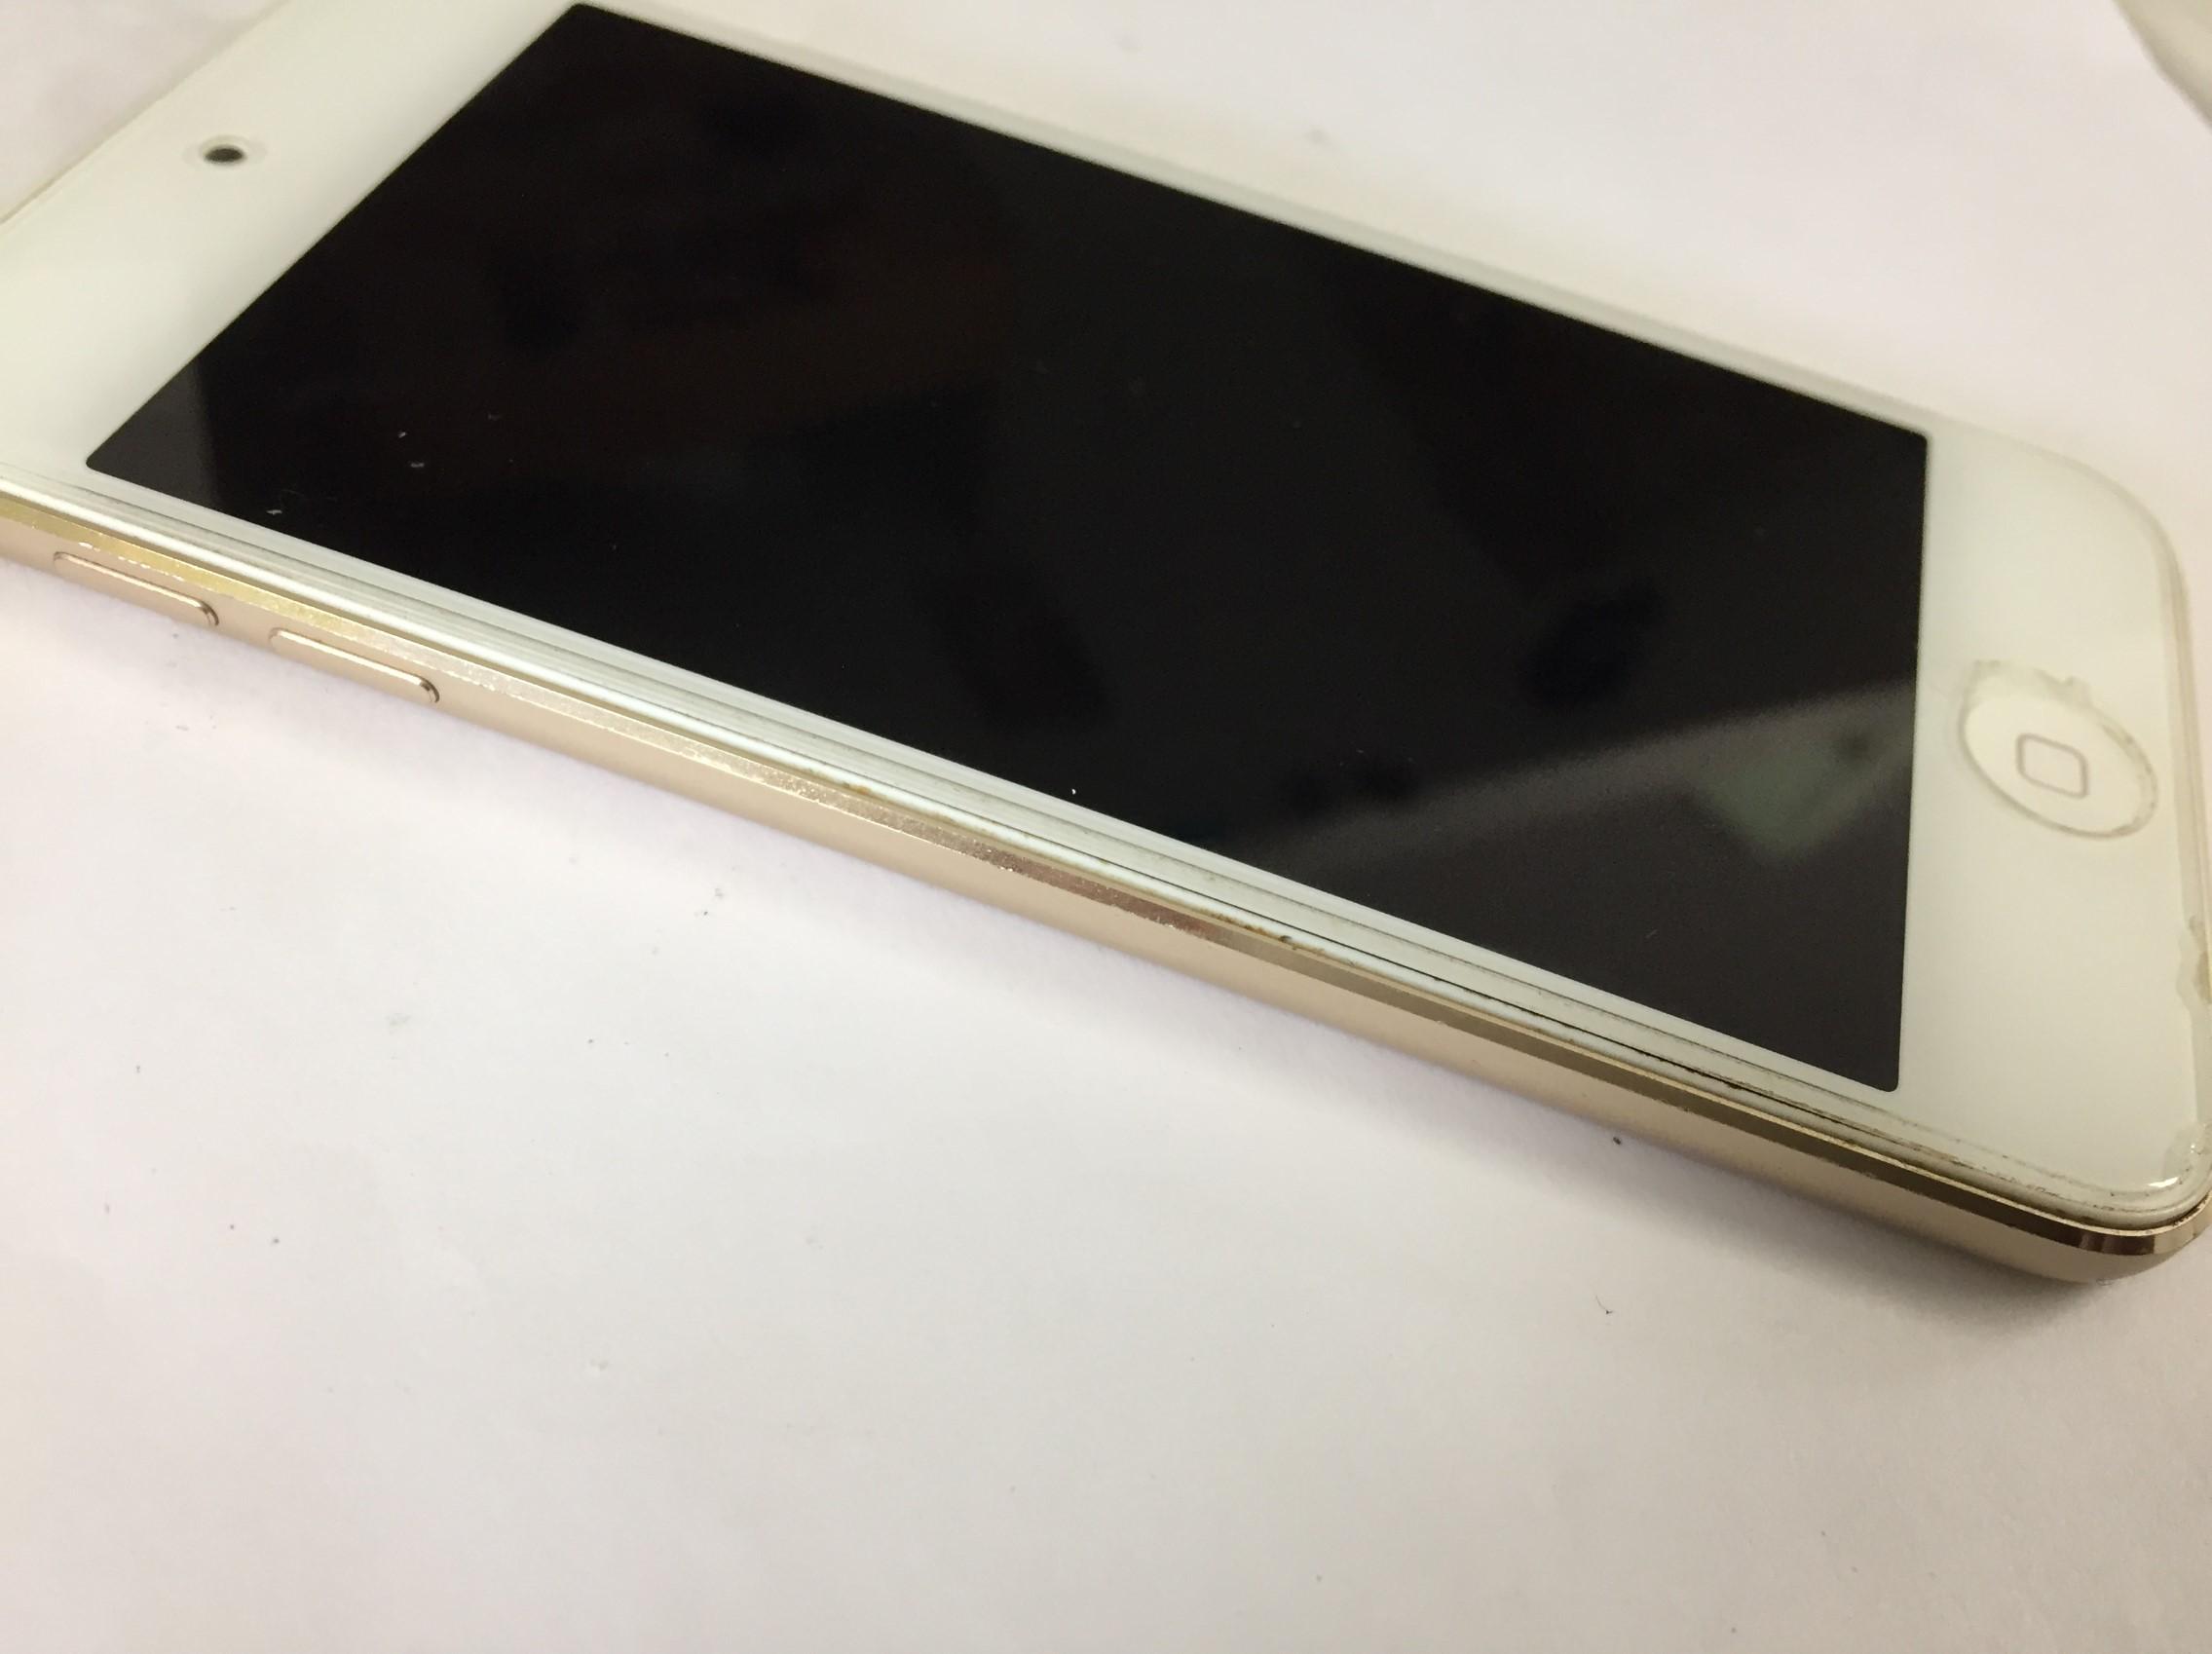 バッテリーが膨張しているiPod Touch 第6世代